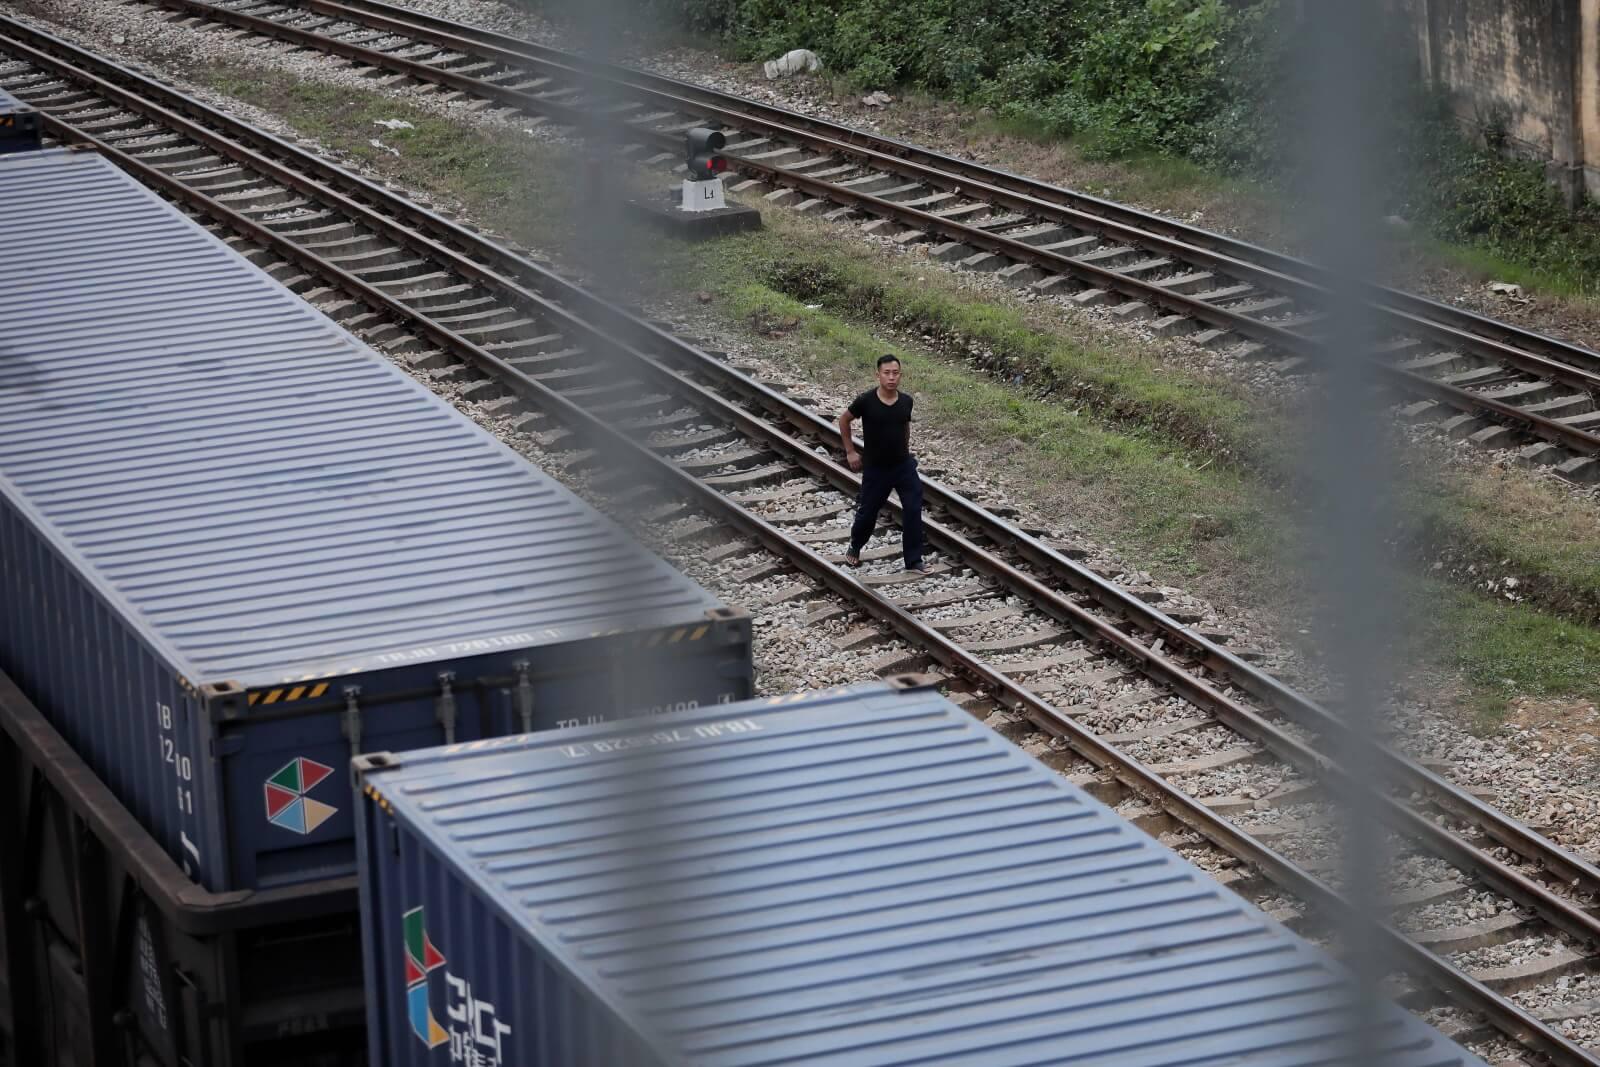 Stacja kolejowa w Wietnamie, na której pojawi się niedługo Kim Dzong Un fot. EPA/LUONG THAI LINH